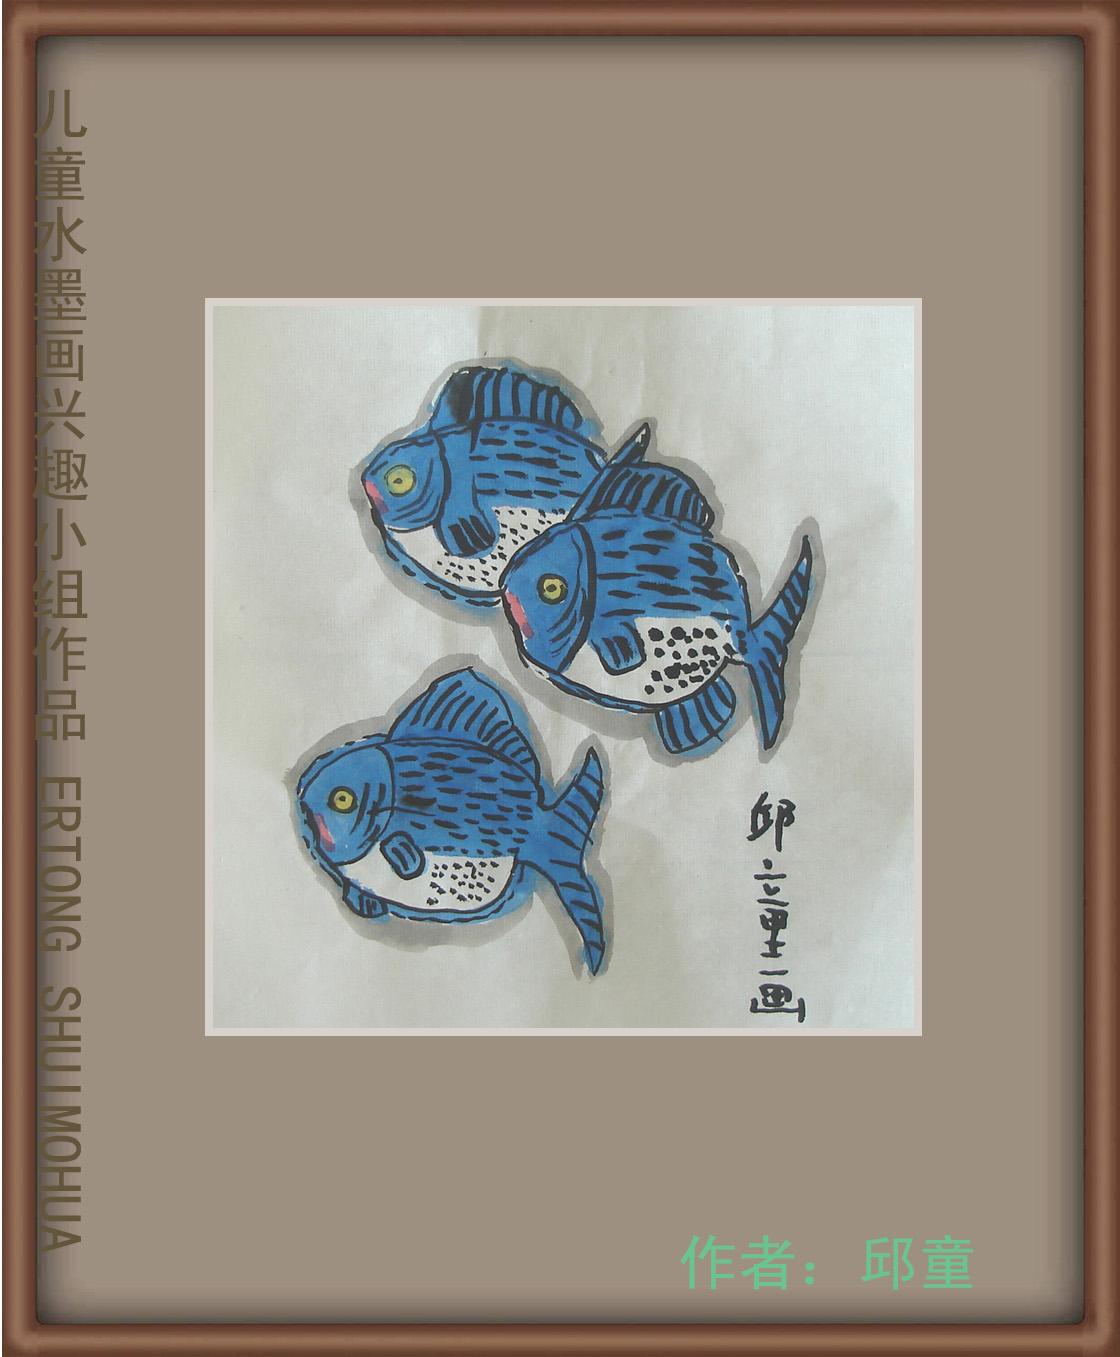 童趣装饰线描动物画